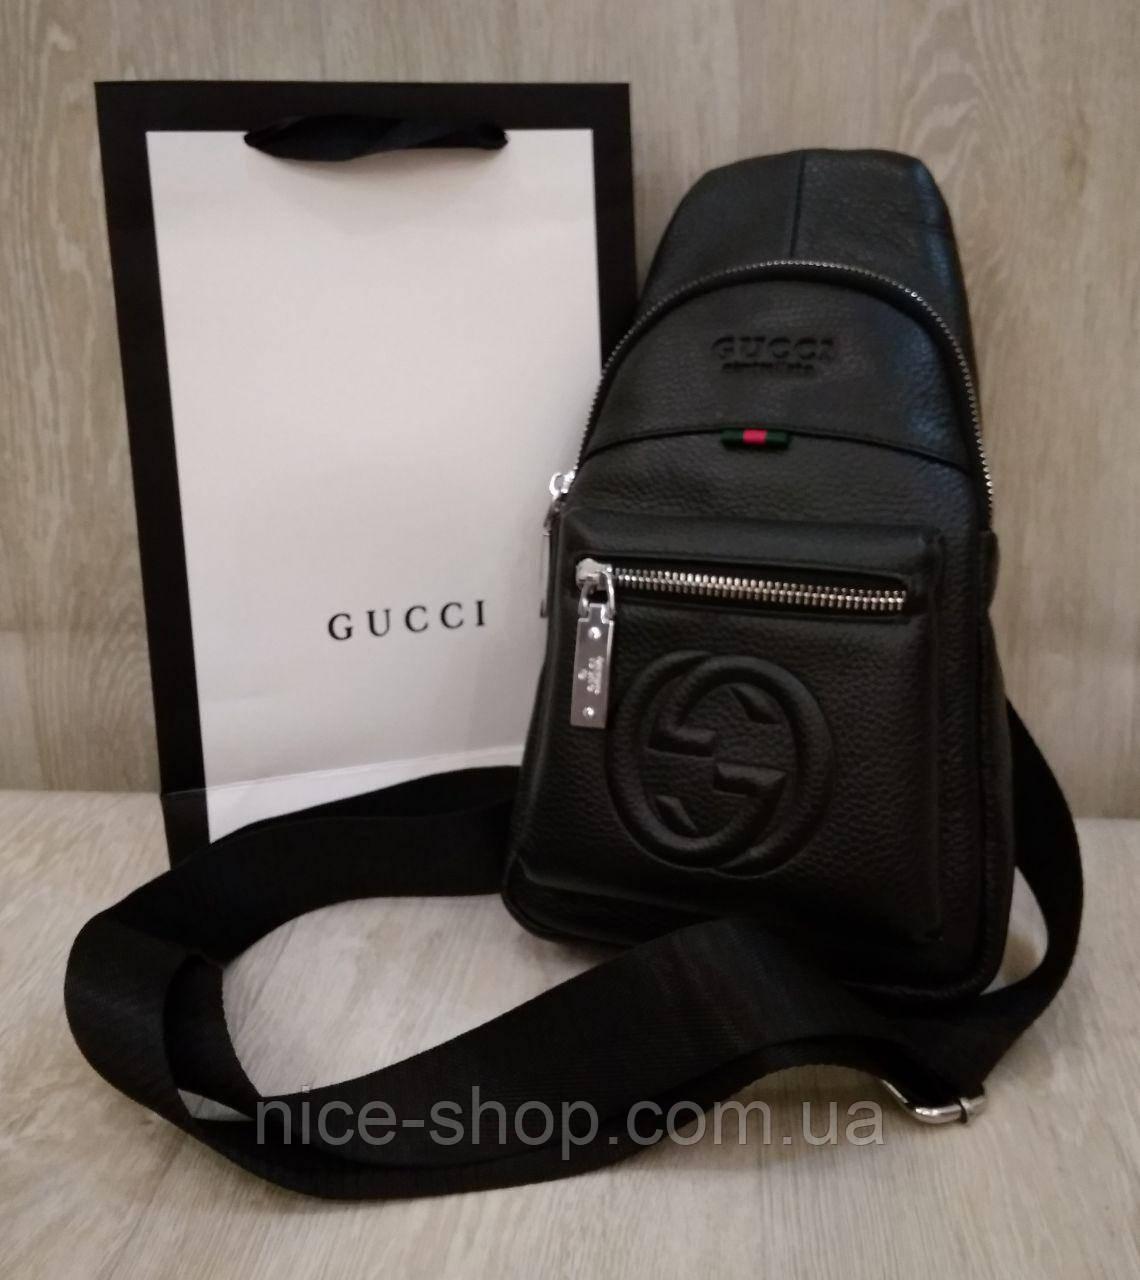 Сумка Gucci, кожа